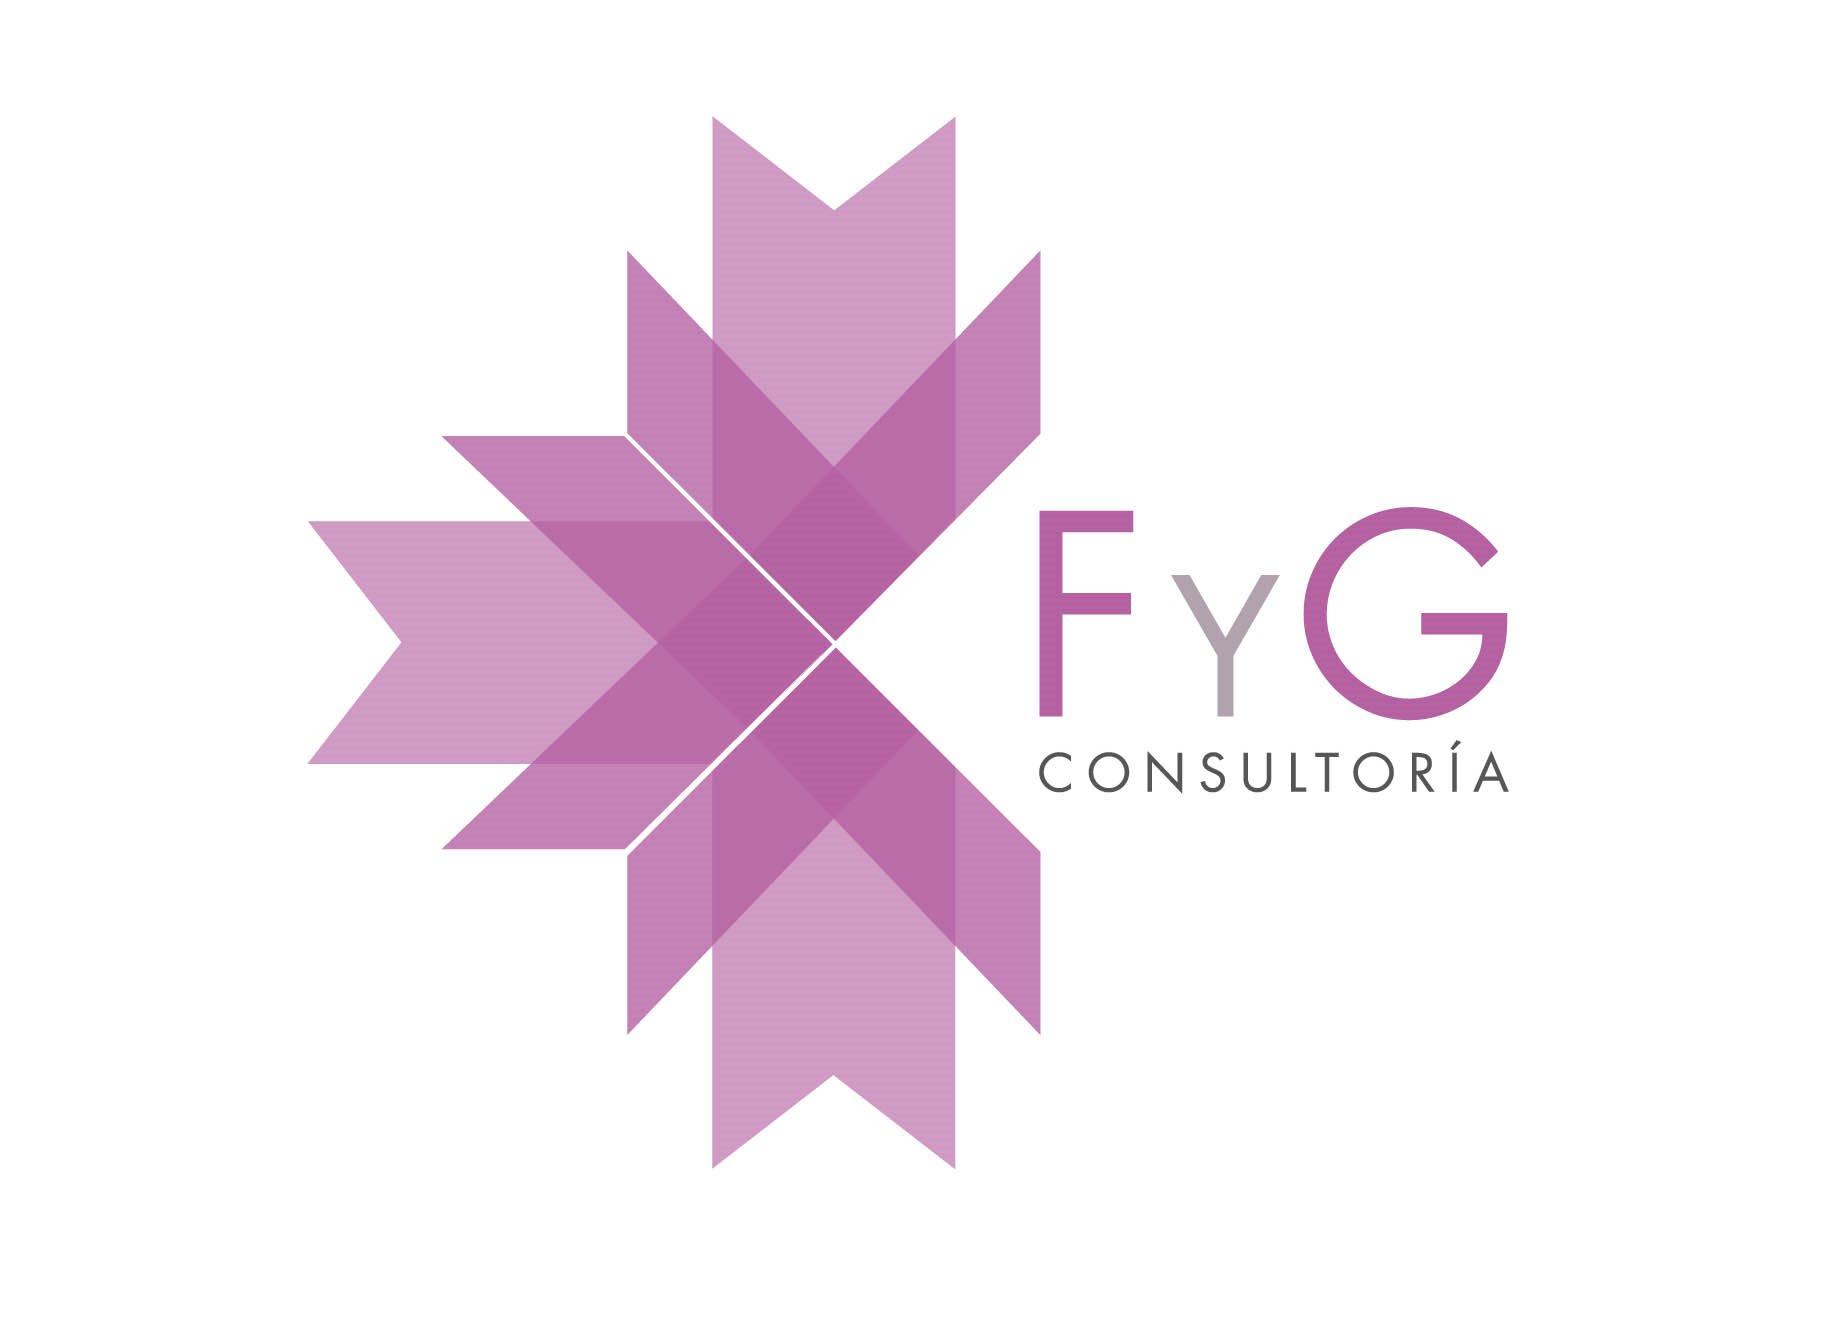 FyG Consultoria